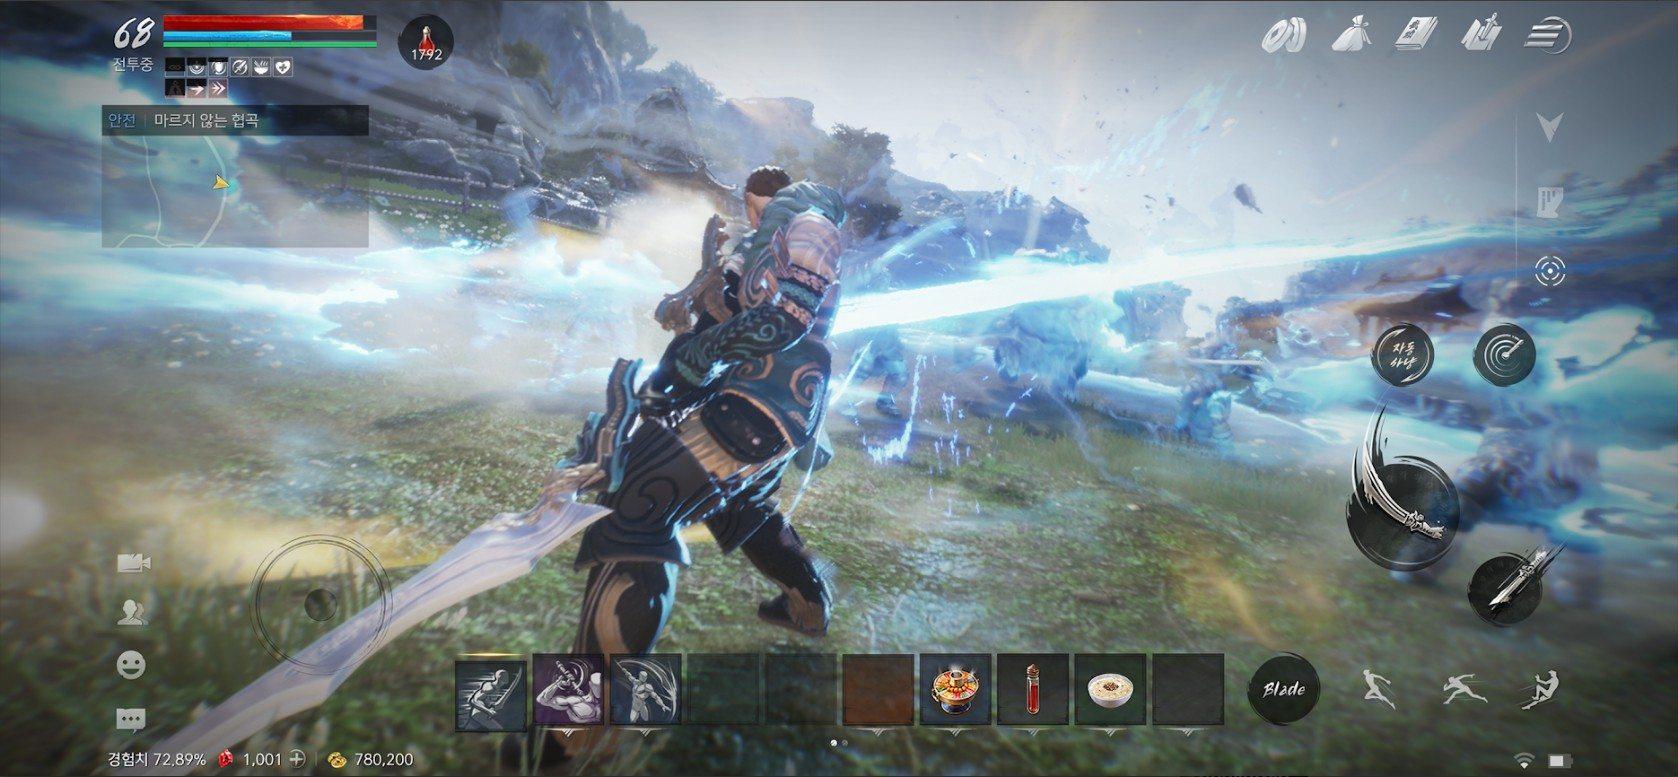 블레이드 앤 소울 2 출시일 확정, 블루스택으로 곧 만날 수 있는 무협 MMORPG에 진입해보세요!